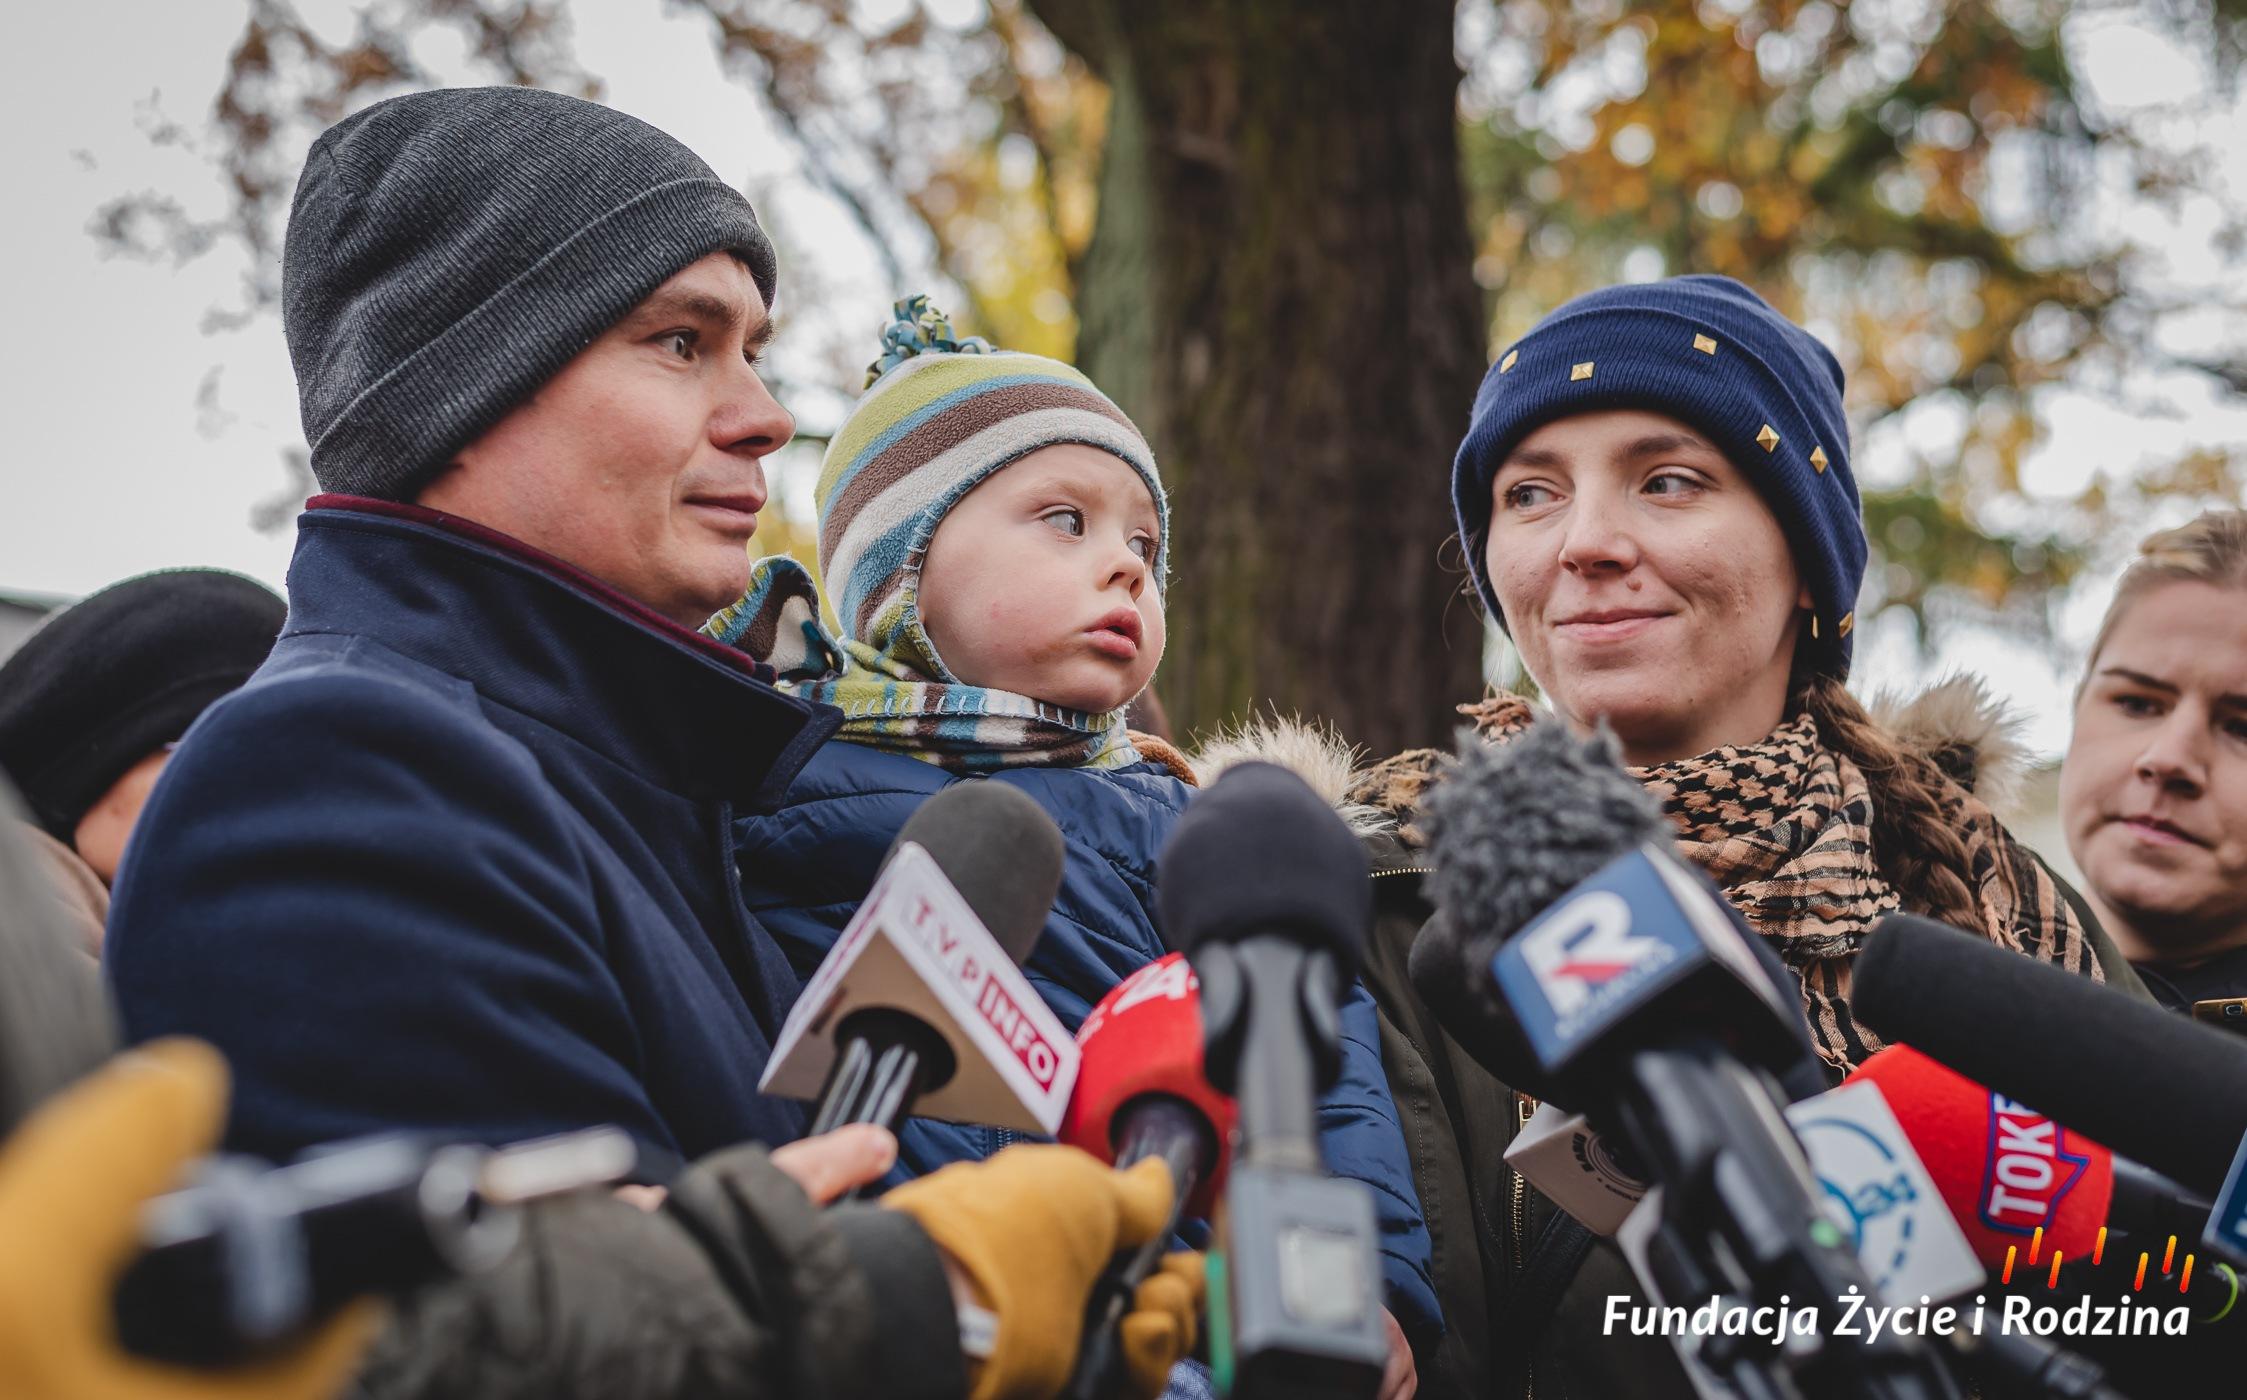 """""""Chcieliśmy tego wyroku"""" - rodzice niepełnosprawnych dzieci w 1. rocznicę orzeczenia Trybunału Konstytucyjnego ws. aborcji eugenicznej"""